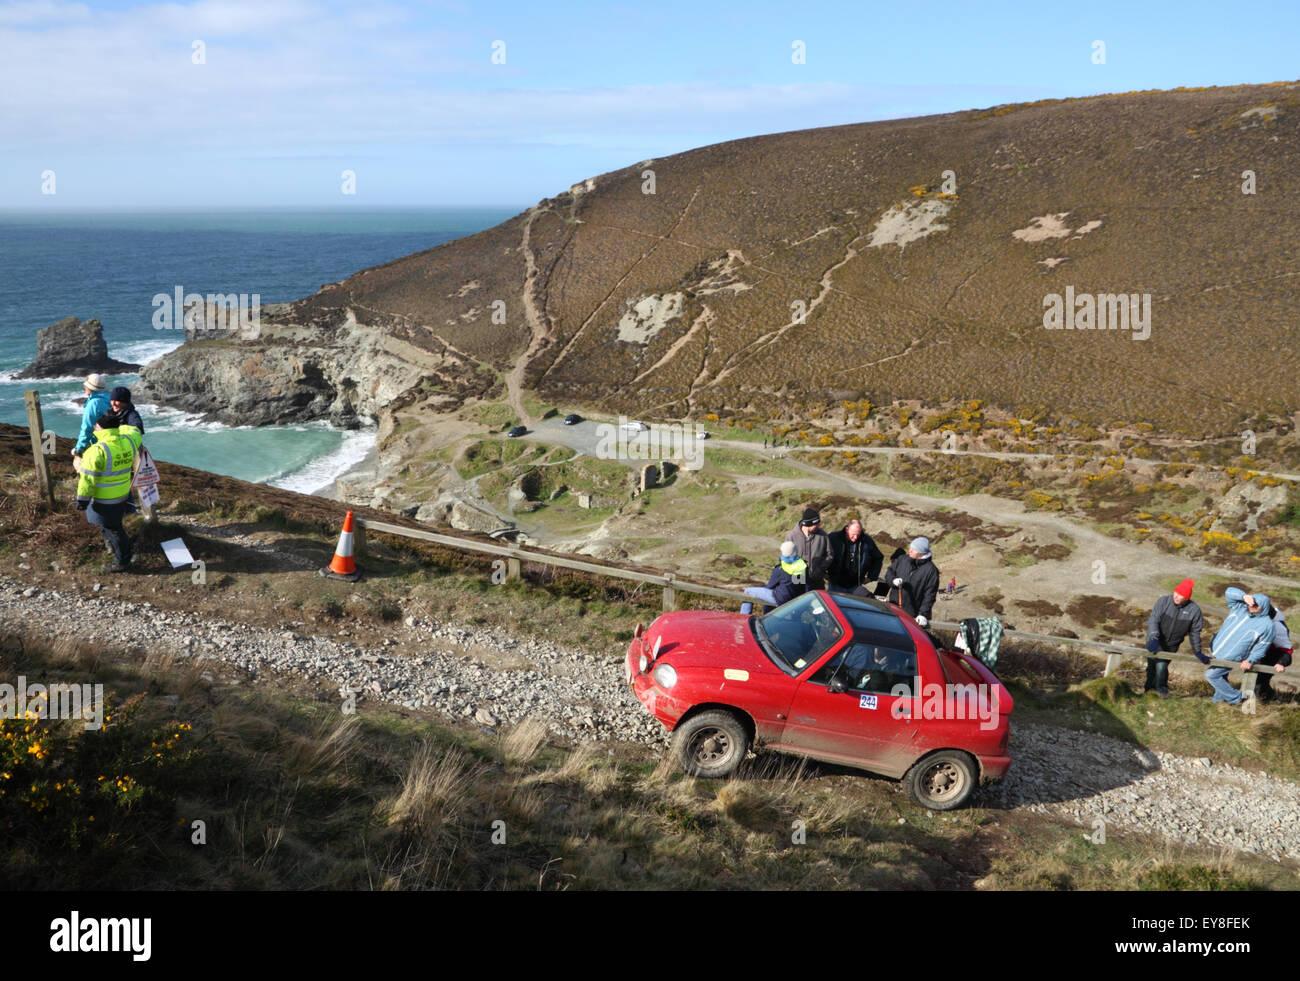 A Red Suzuki X 90 Car Takes Part In A Hill Climb Event At A Clifftop